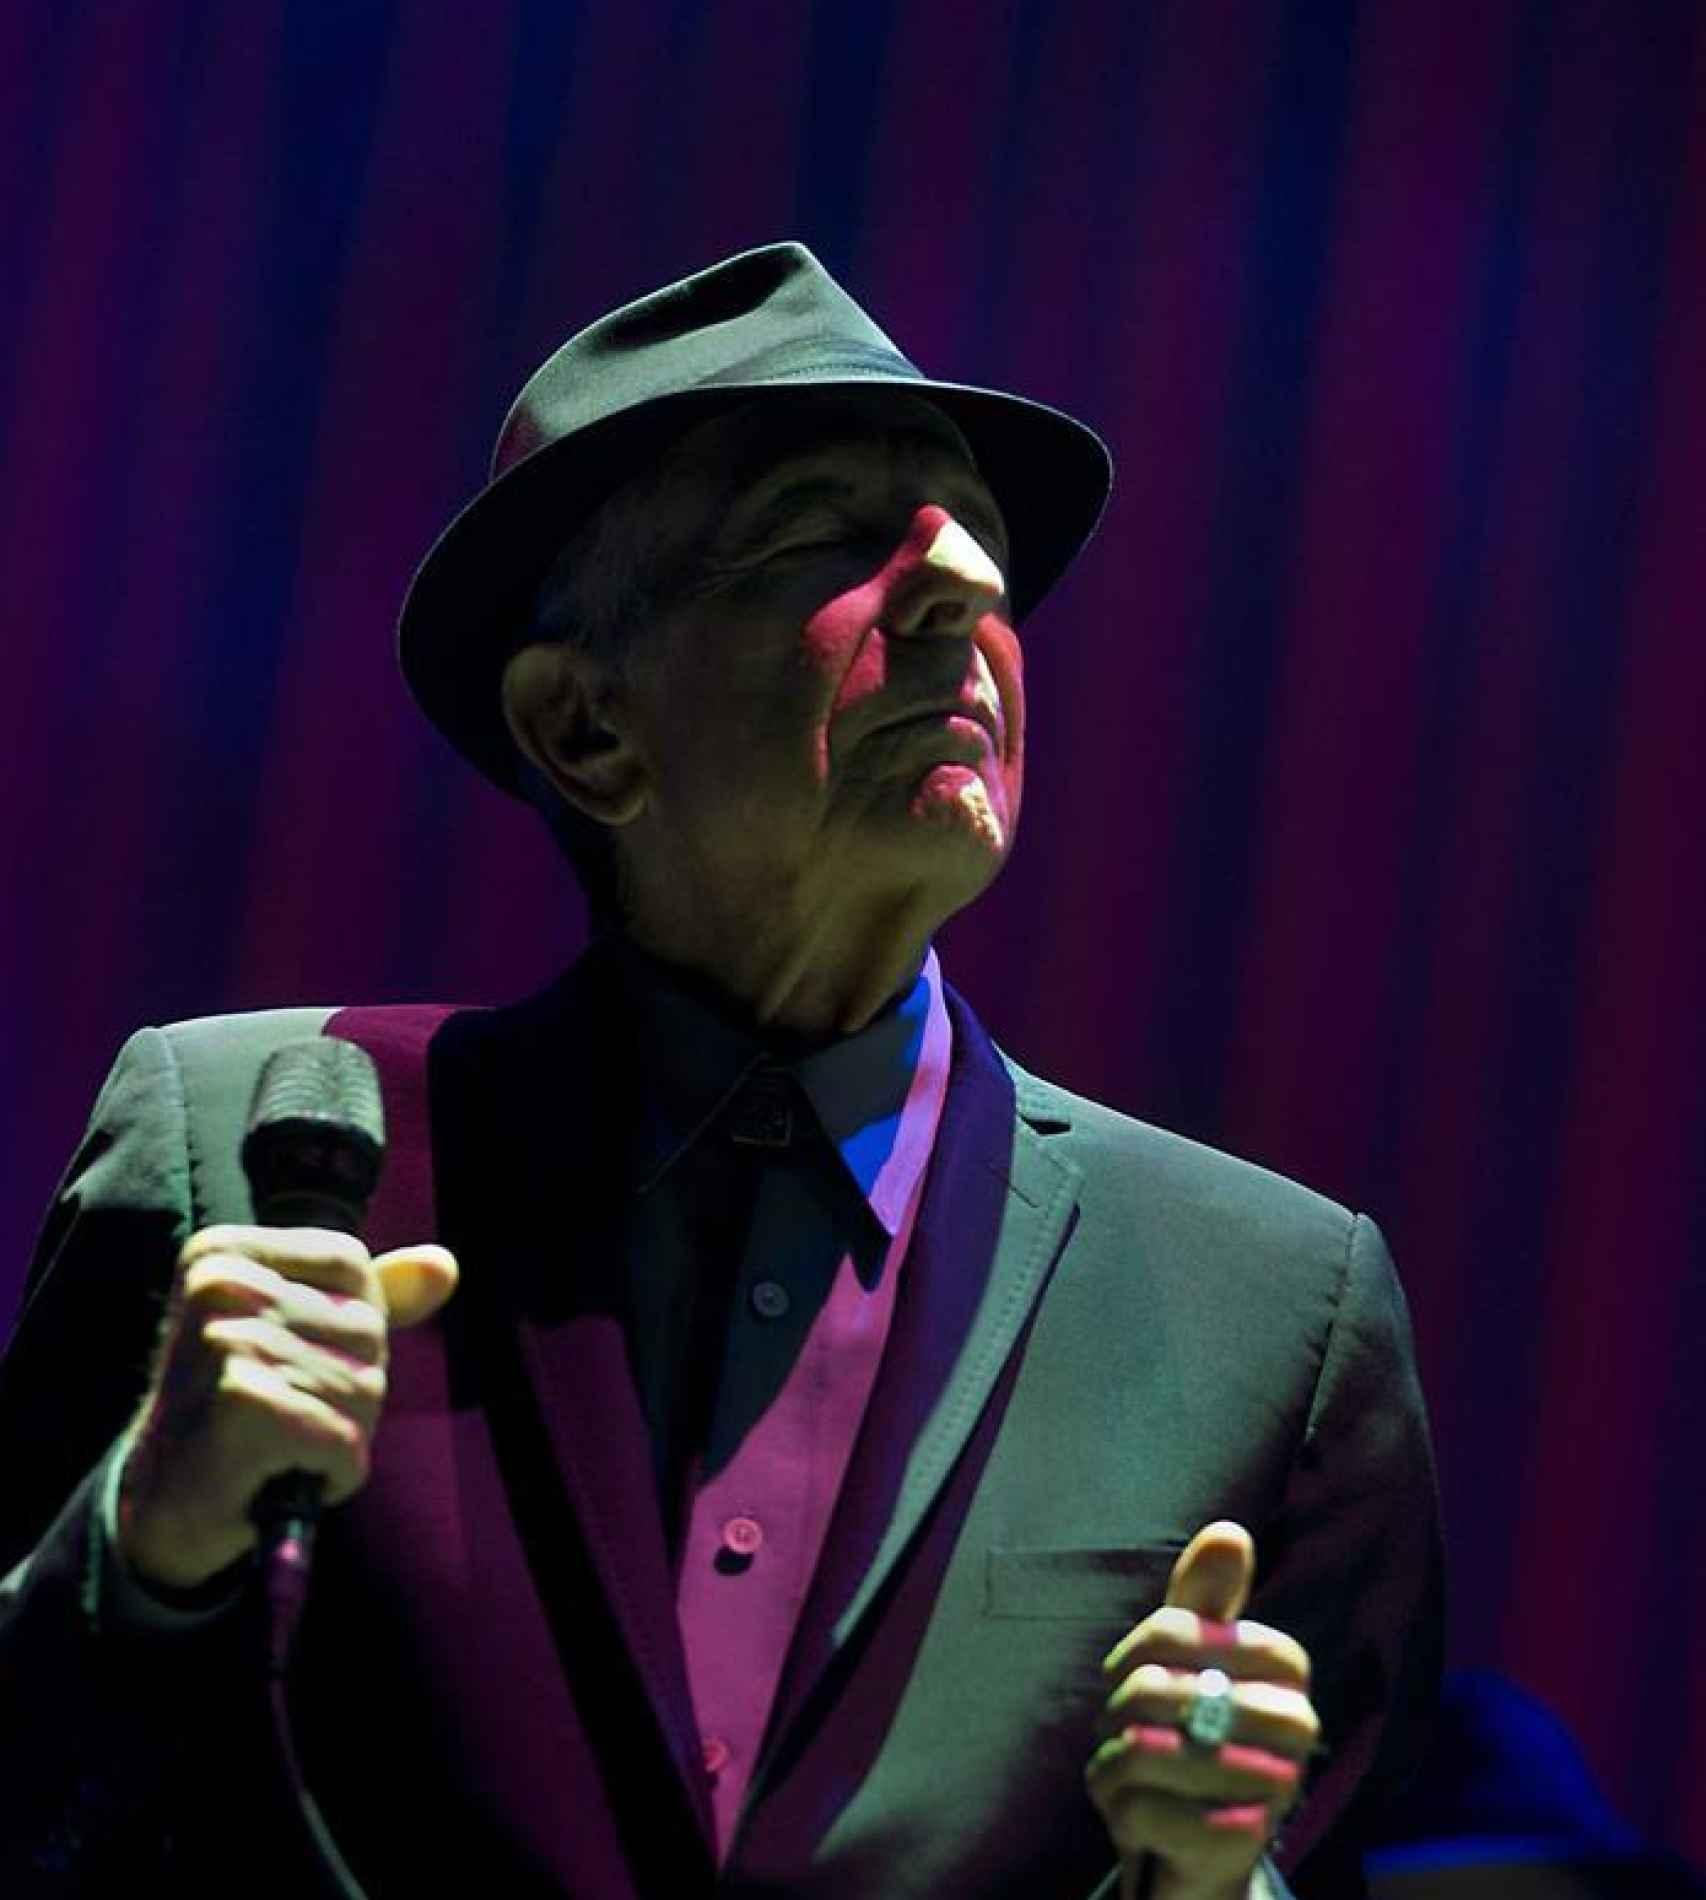 Leonard Cohen en 2013, en una presentación en el Ahoy Arena, en Rotterdam (Holanda).